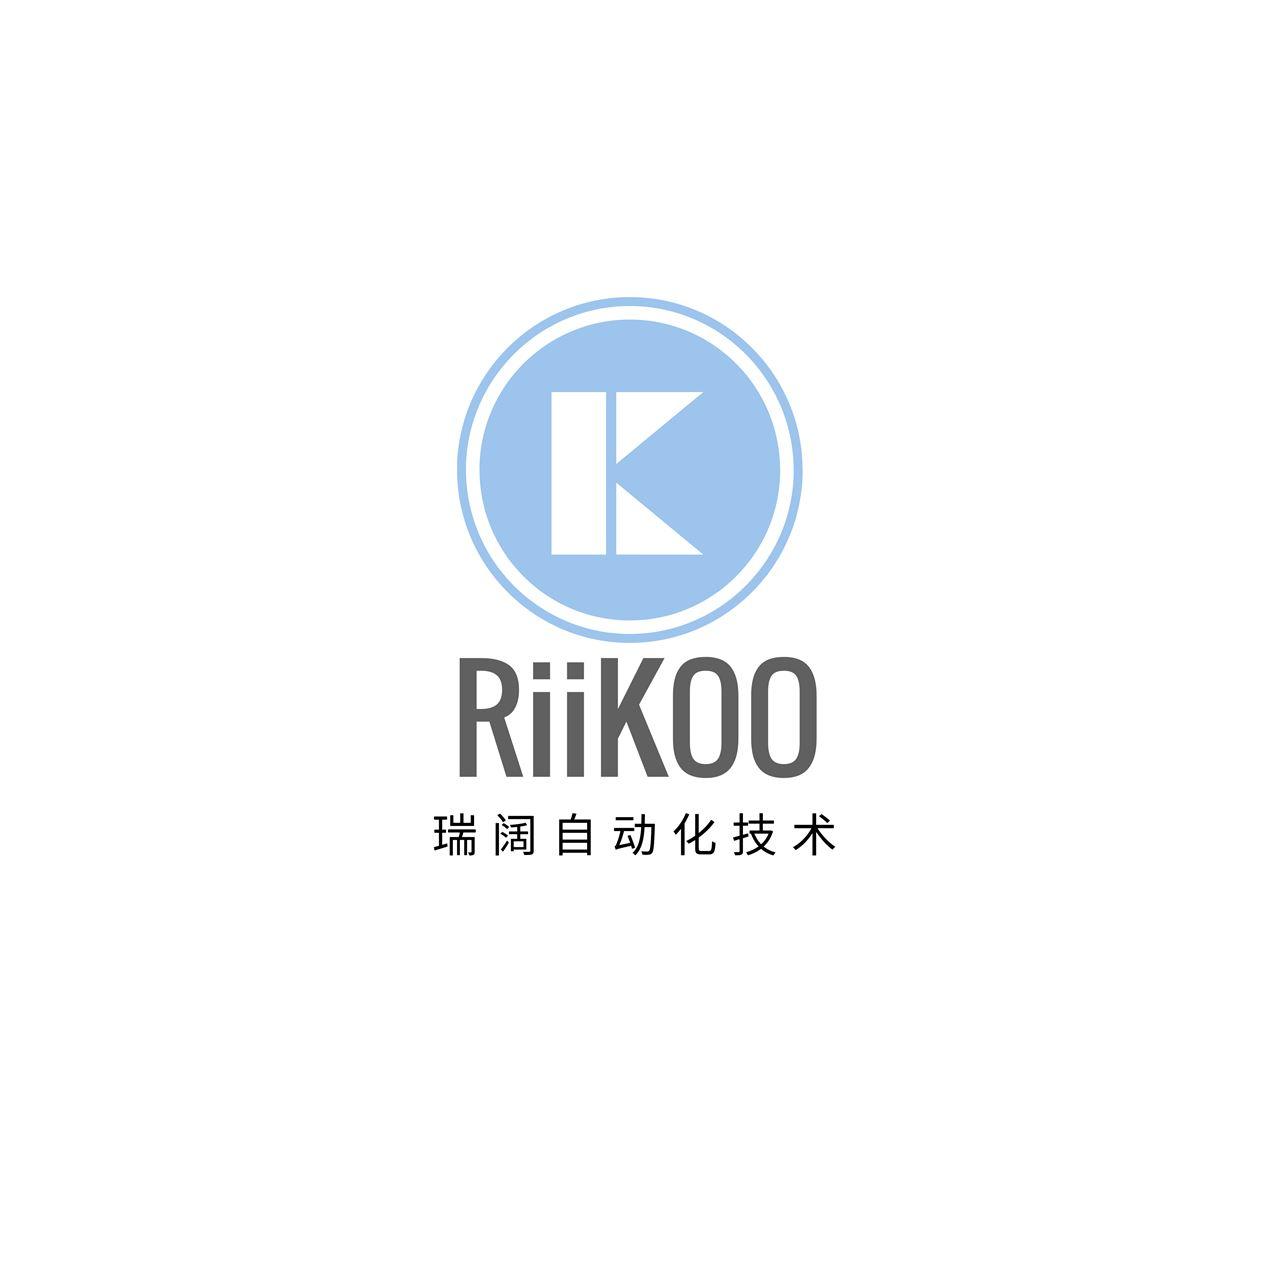 上海瑞阔自动化技术有限公司